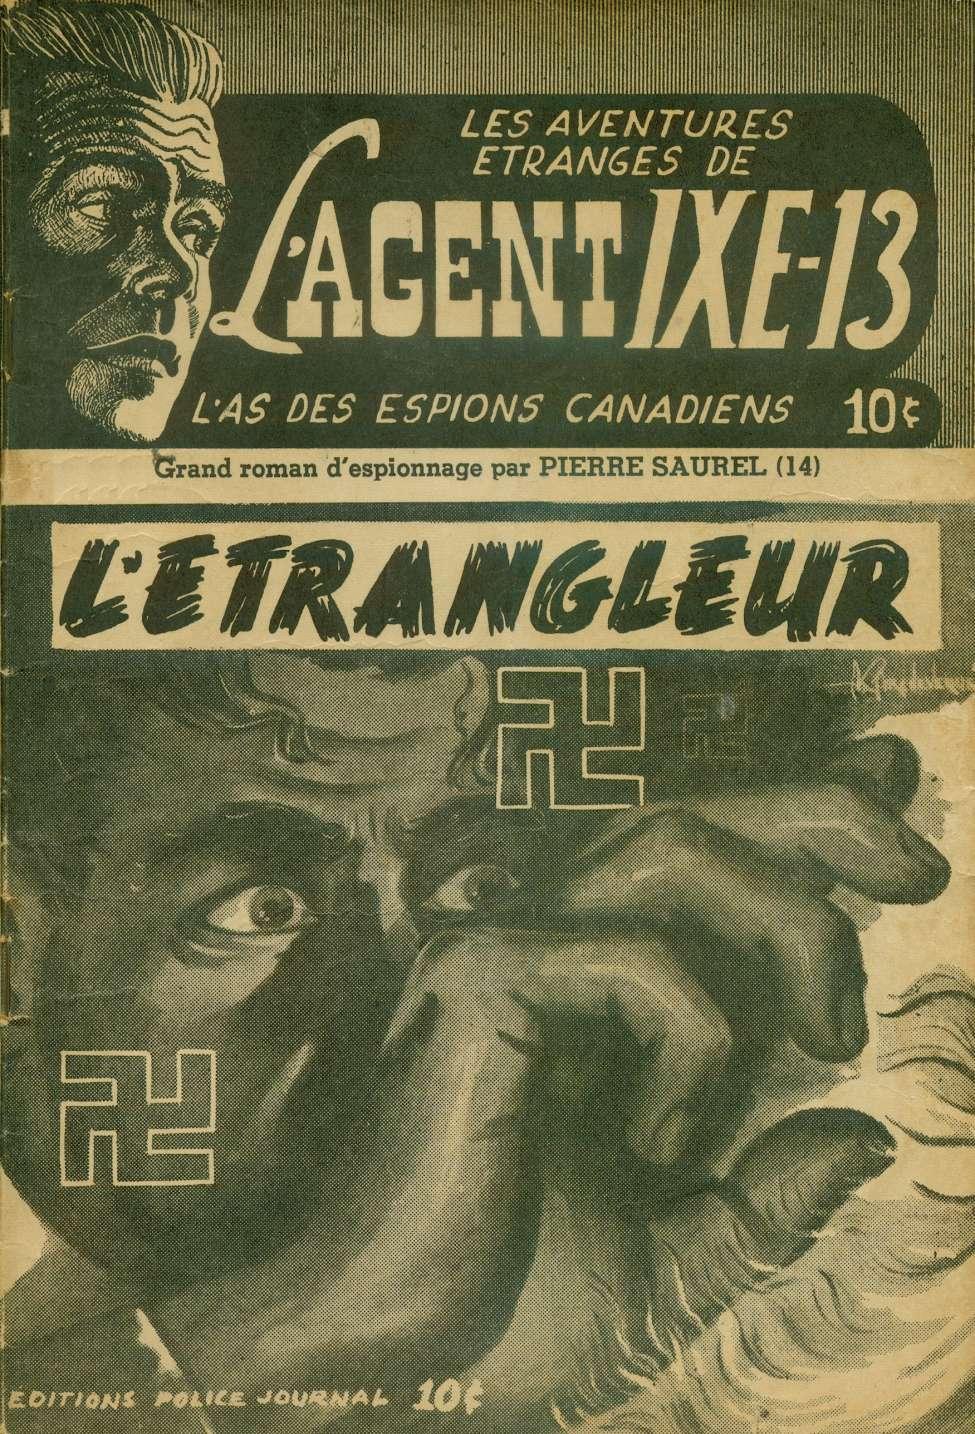 Comic Book Cover For L'Agent IXE-13 v2 014 - L'étrangleur